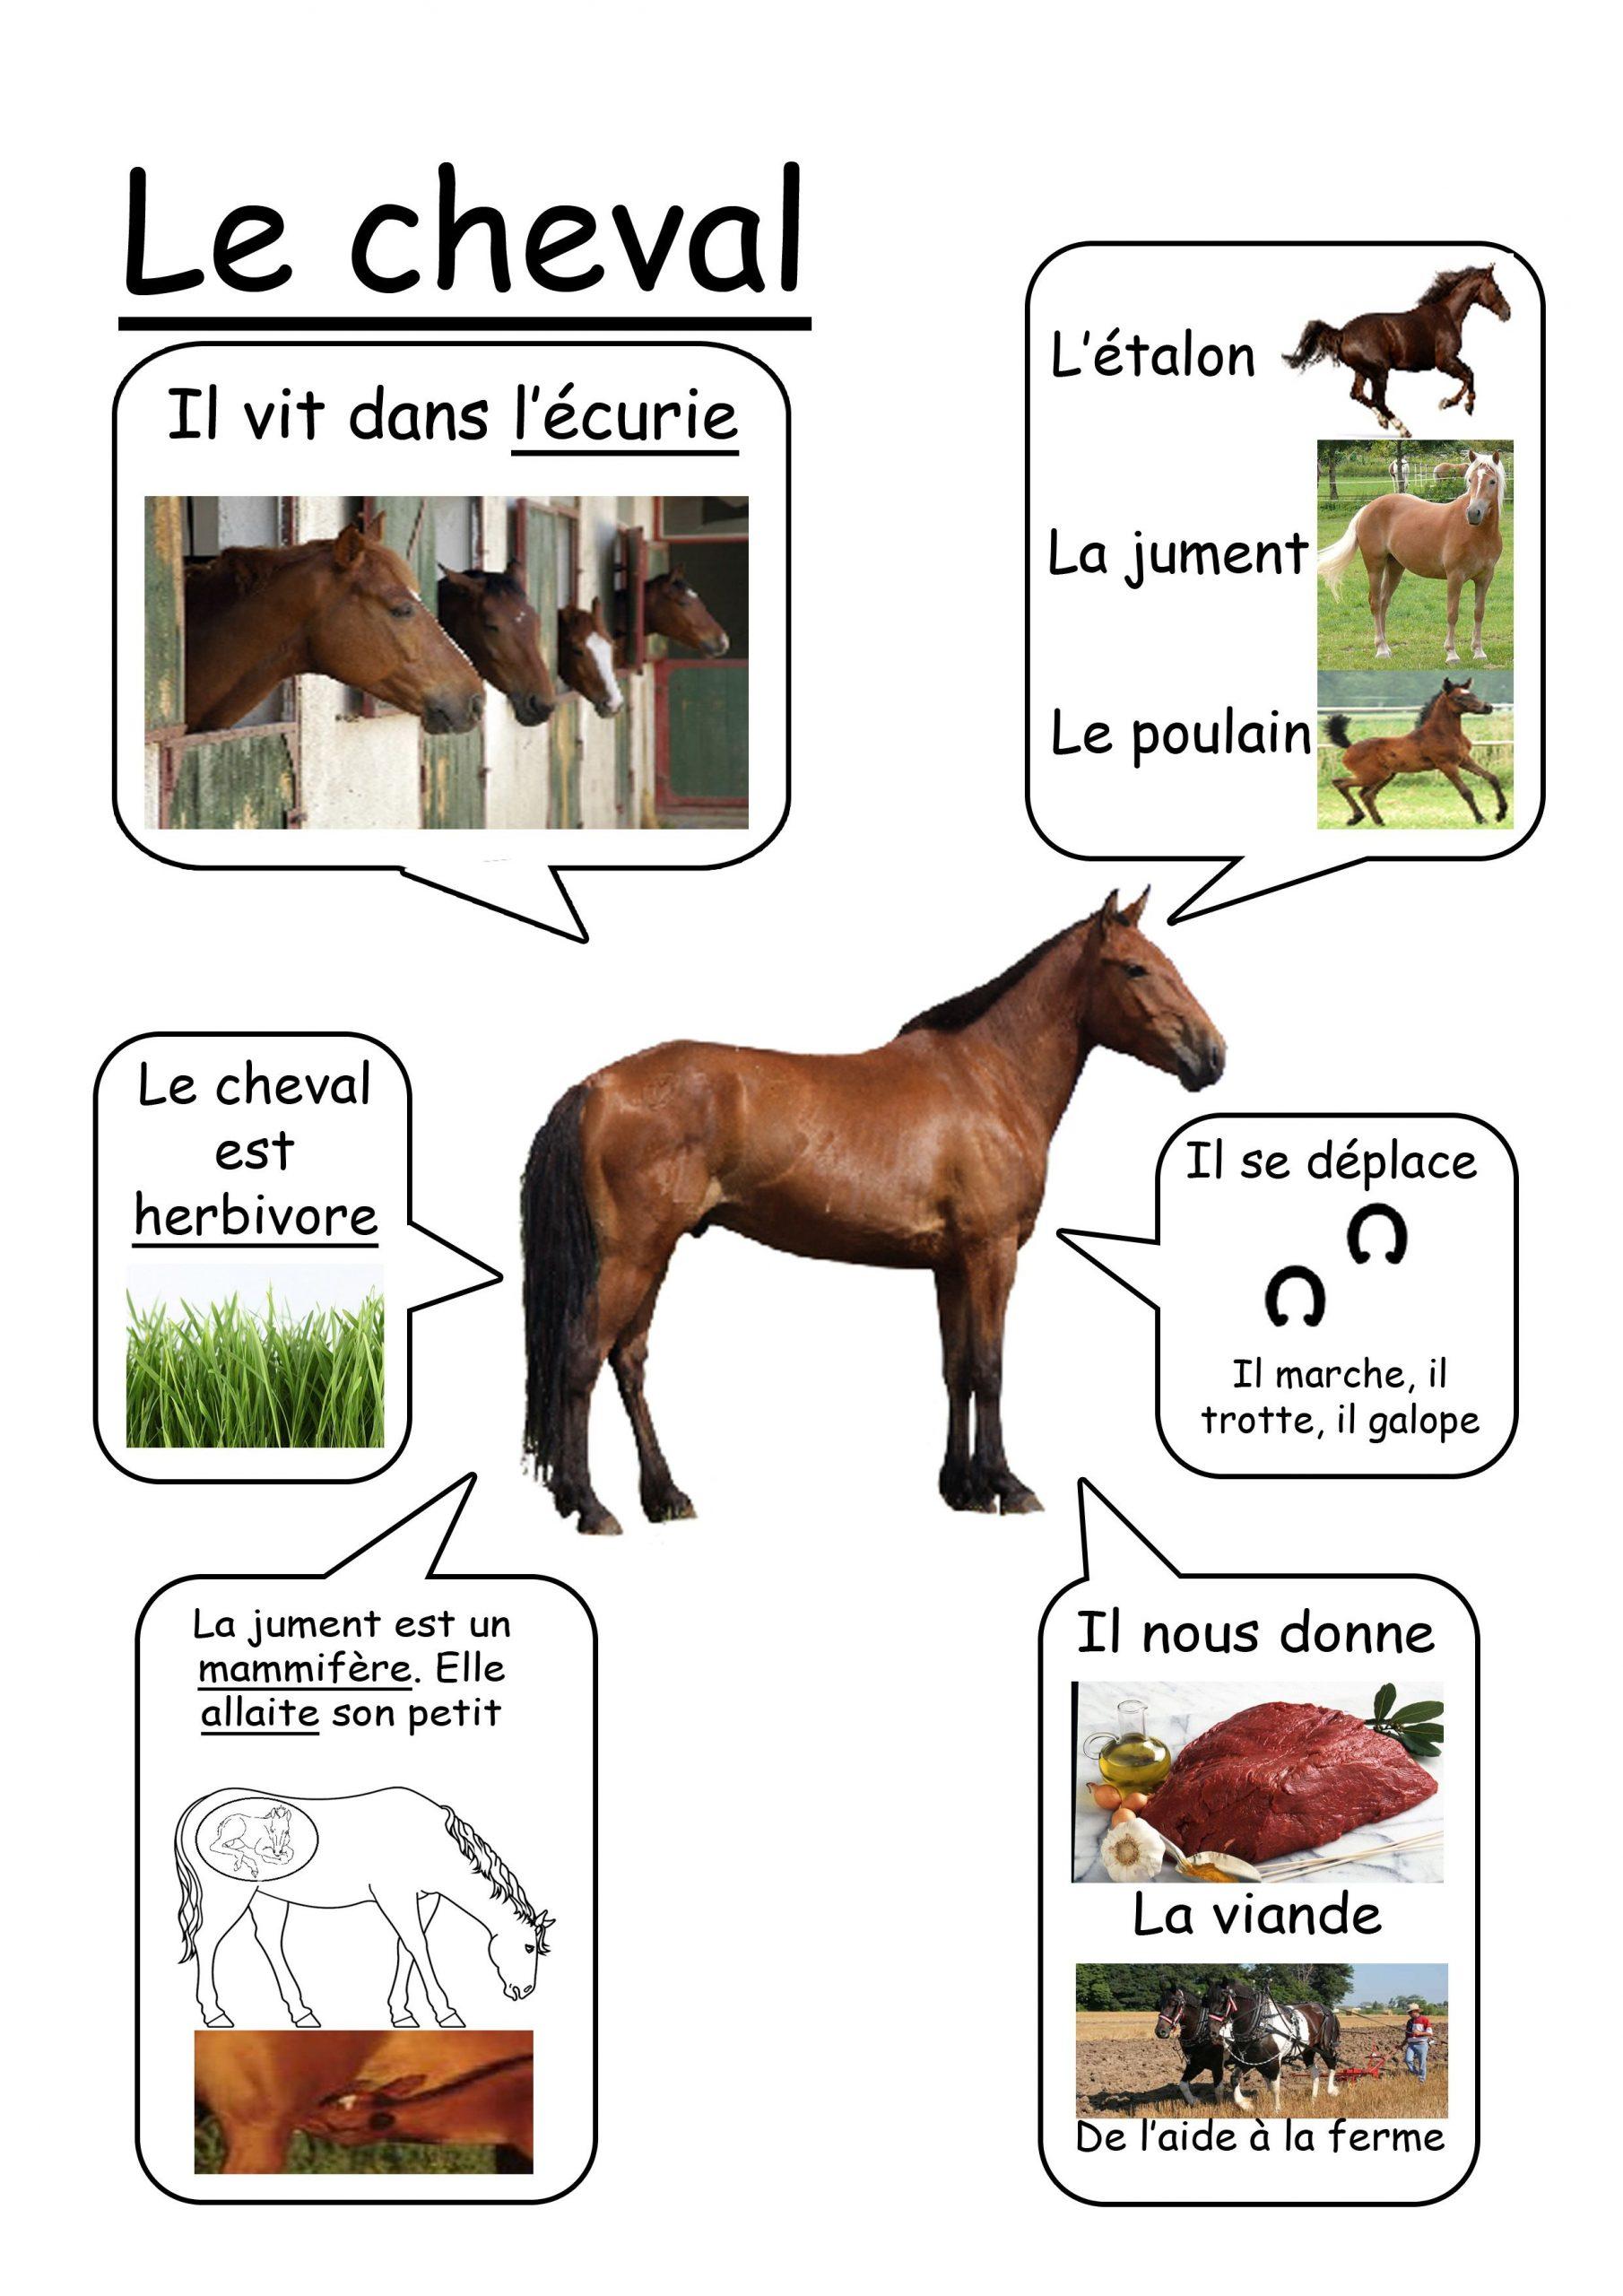 Cheval - Animaux De La Ferme   Animaux De La Ferme à Imagier Animaux De La Ferme